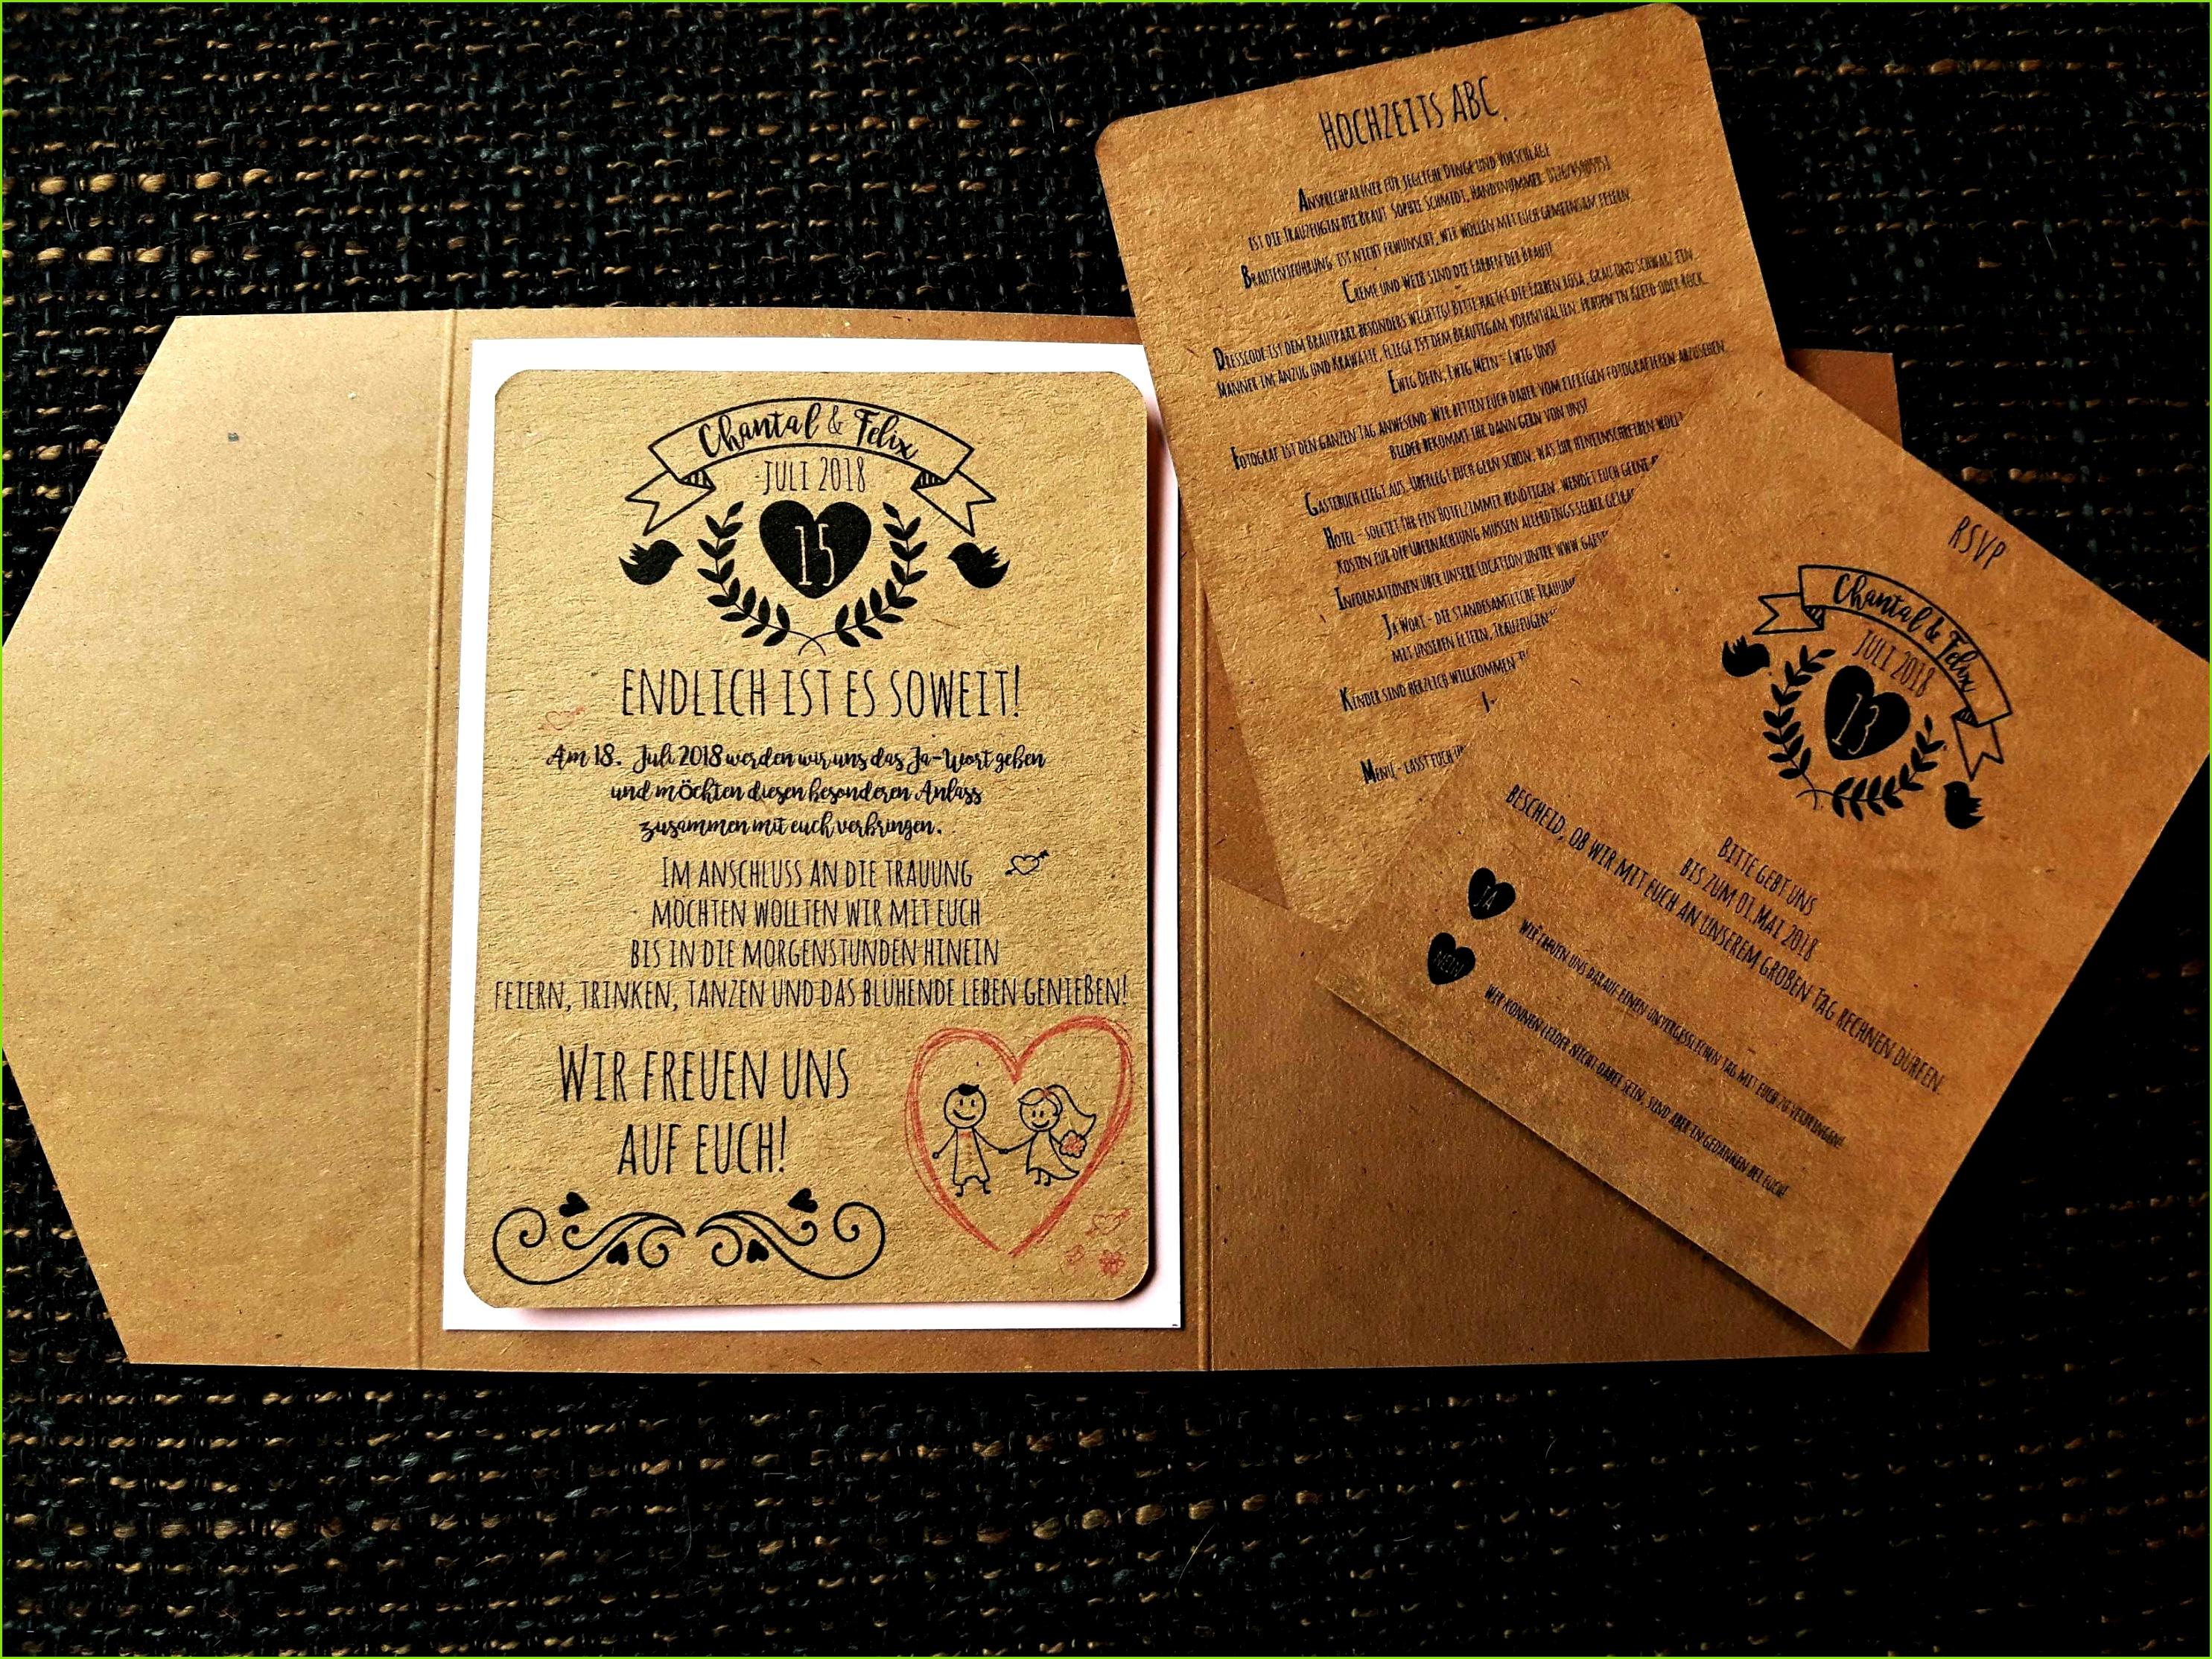 Einladungskarten Hochzeit Ideen Einladung Hochzeit Vorlage Download Konzept Hochzeit Ideen Programm